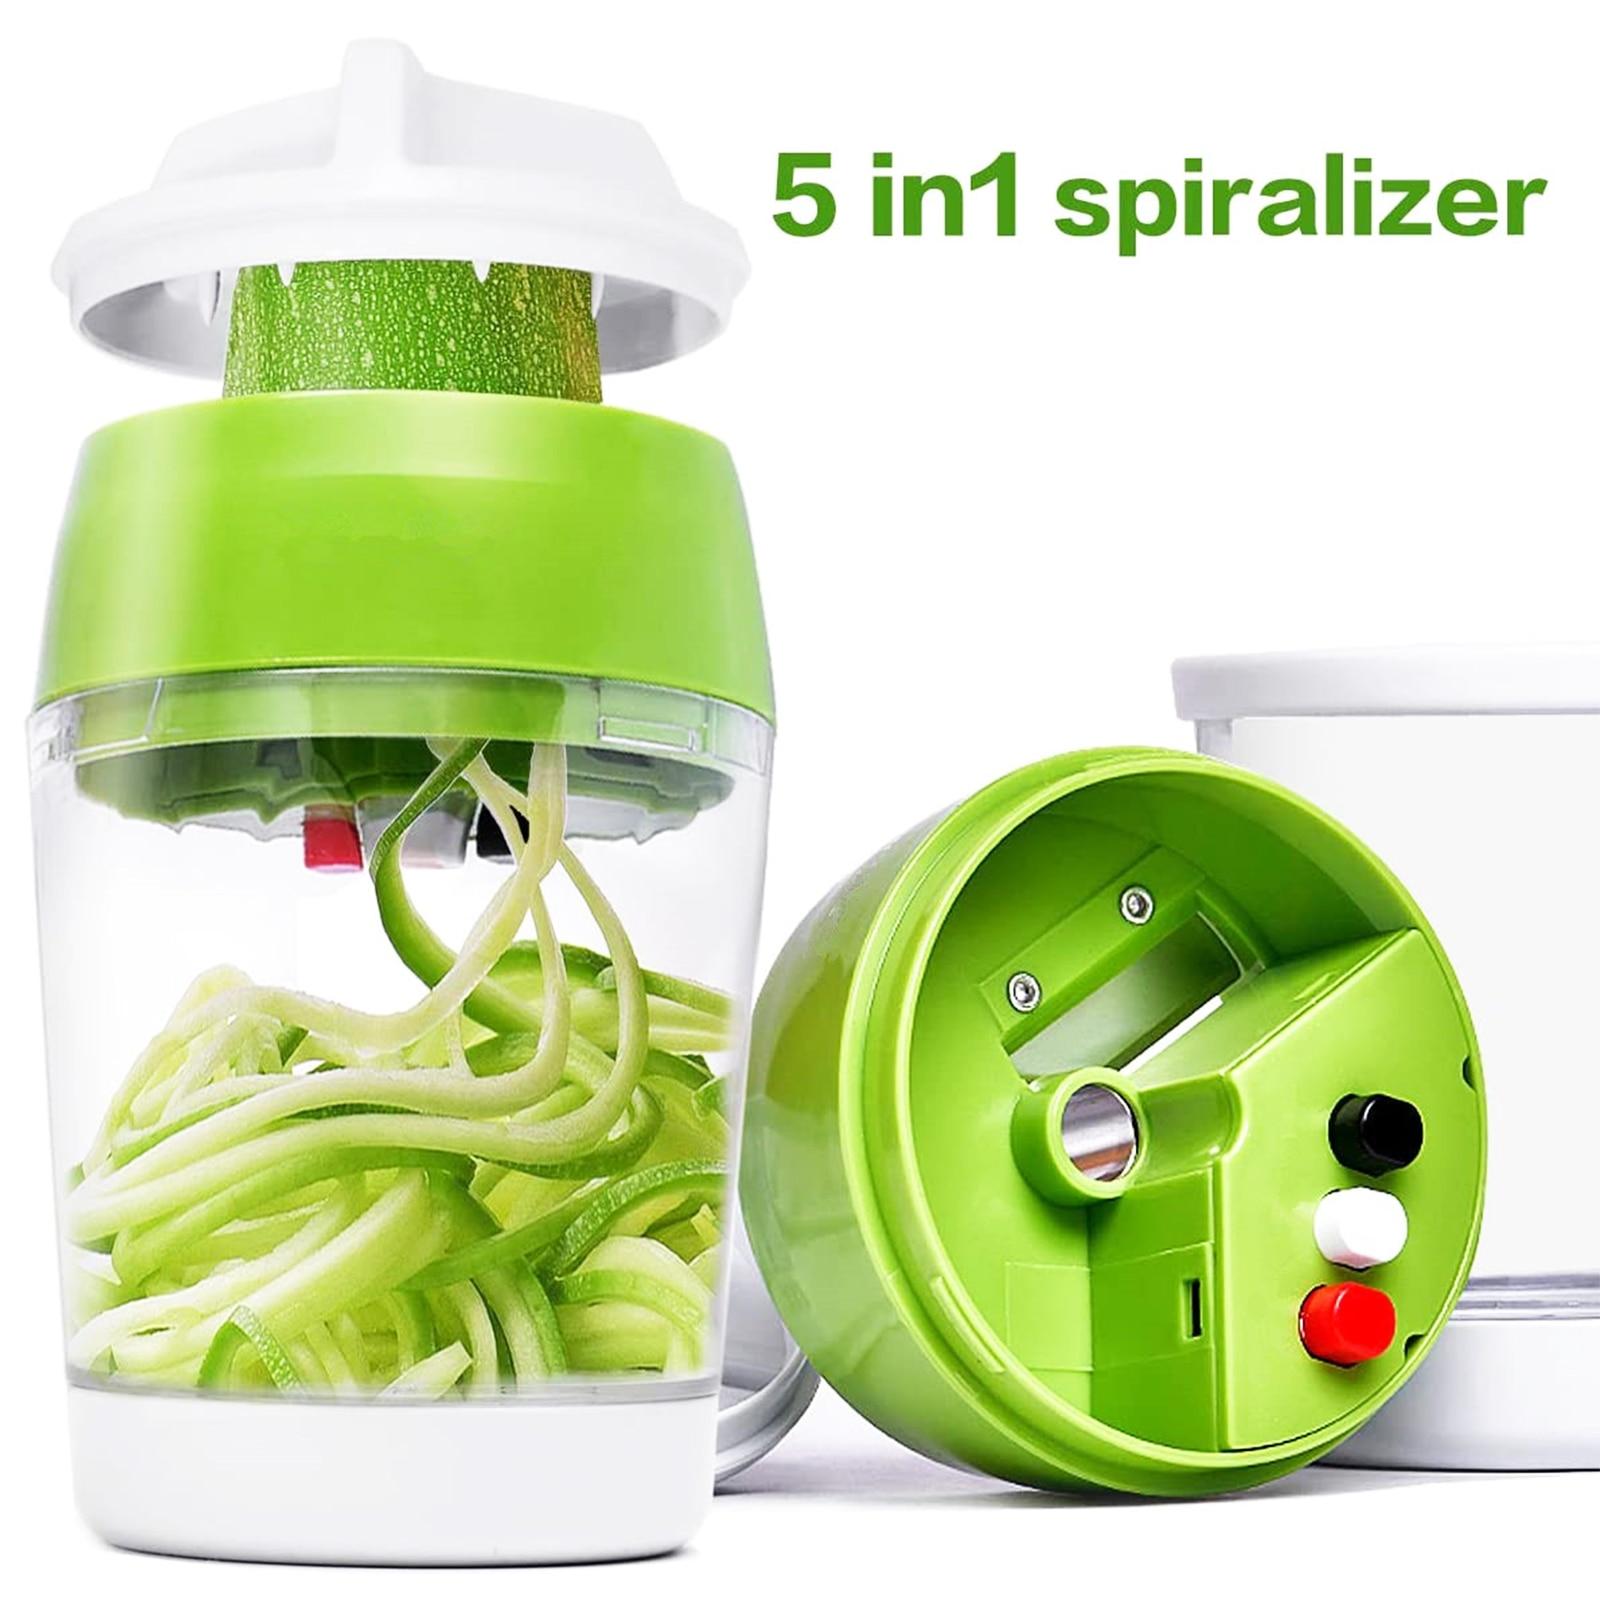 4 в 1 нож для резки овощей Кухня контейнер регулируемый ручная Терка-шинковка для овощей спиральный резак для цукини спагетти приготовления